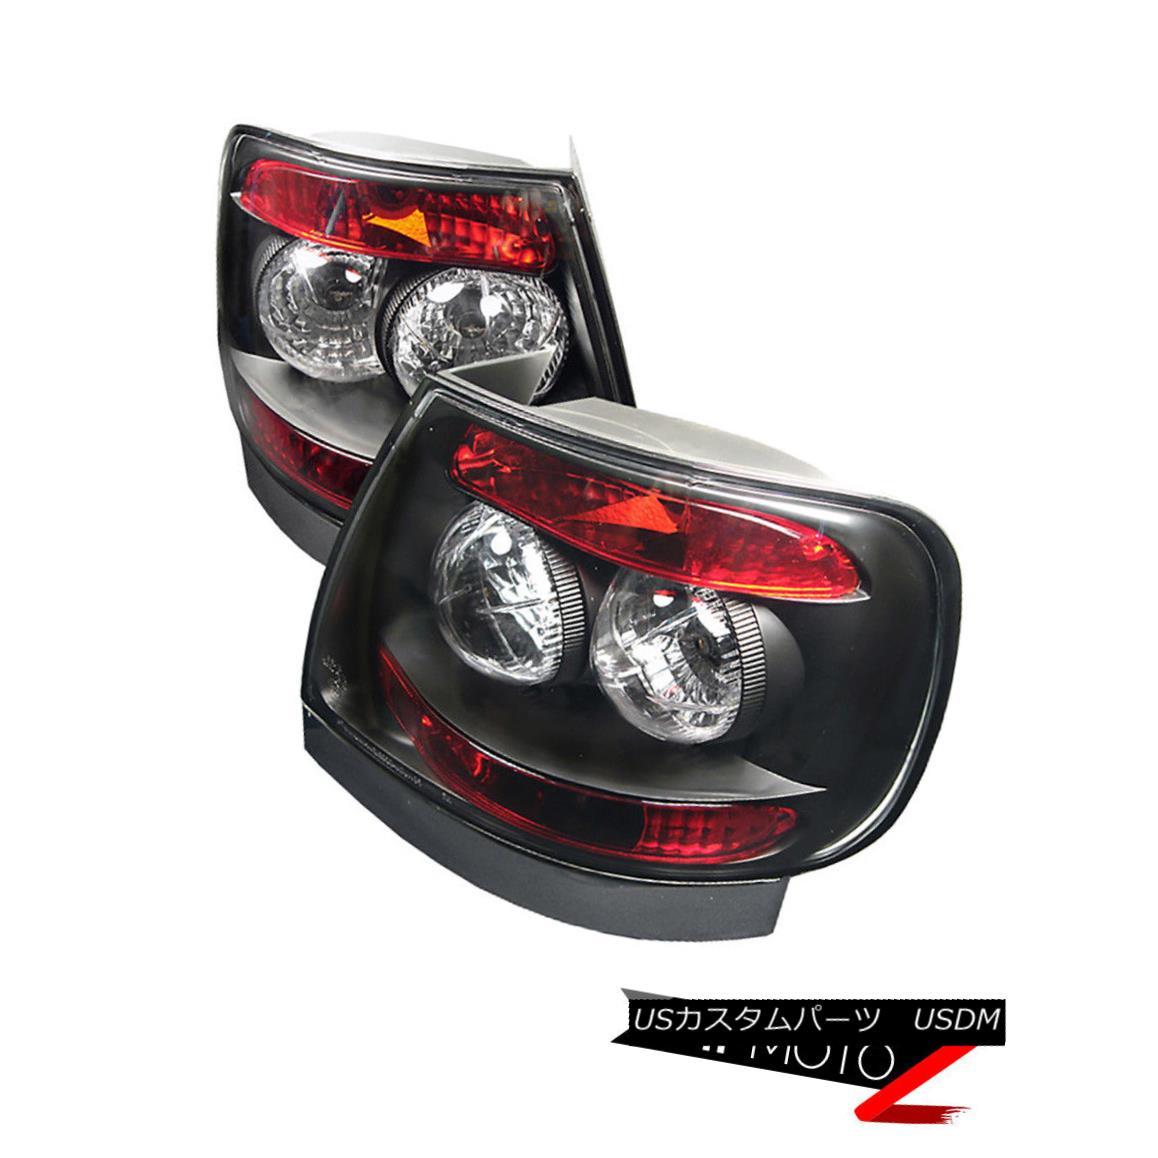 テールライト 1996-2001 Audi A4 B5 | 2000-2002 S4 Black Euro Rear Brake Tail Lights Assembly 1996-2001 Audi A4 B5 | 2000-2002 S4ブラック・ユーロ・リア・ブレーキ・テール・ライト・アセンブリ